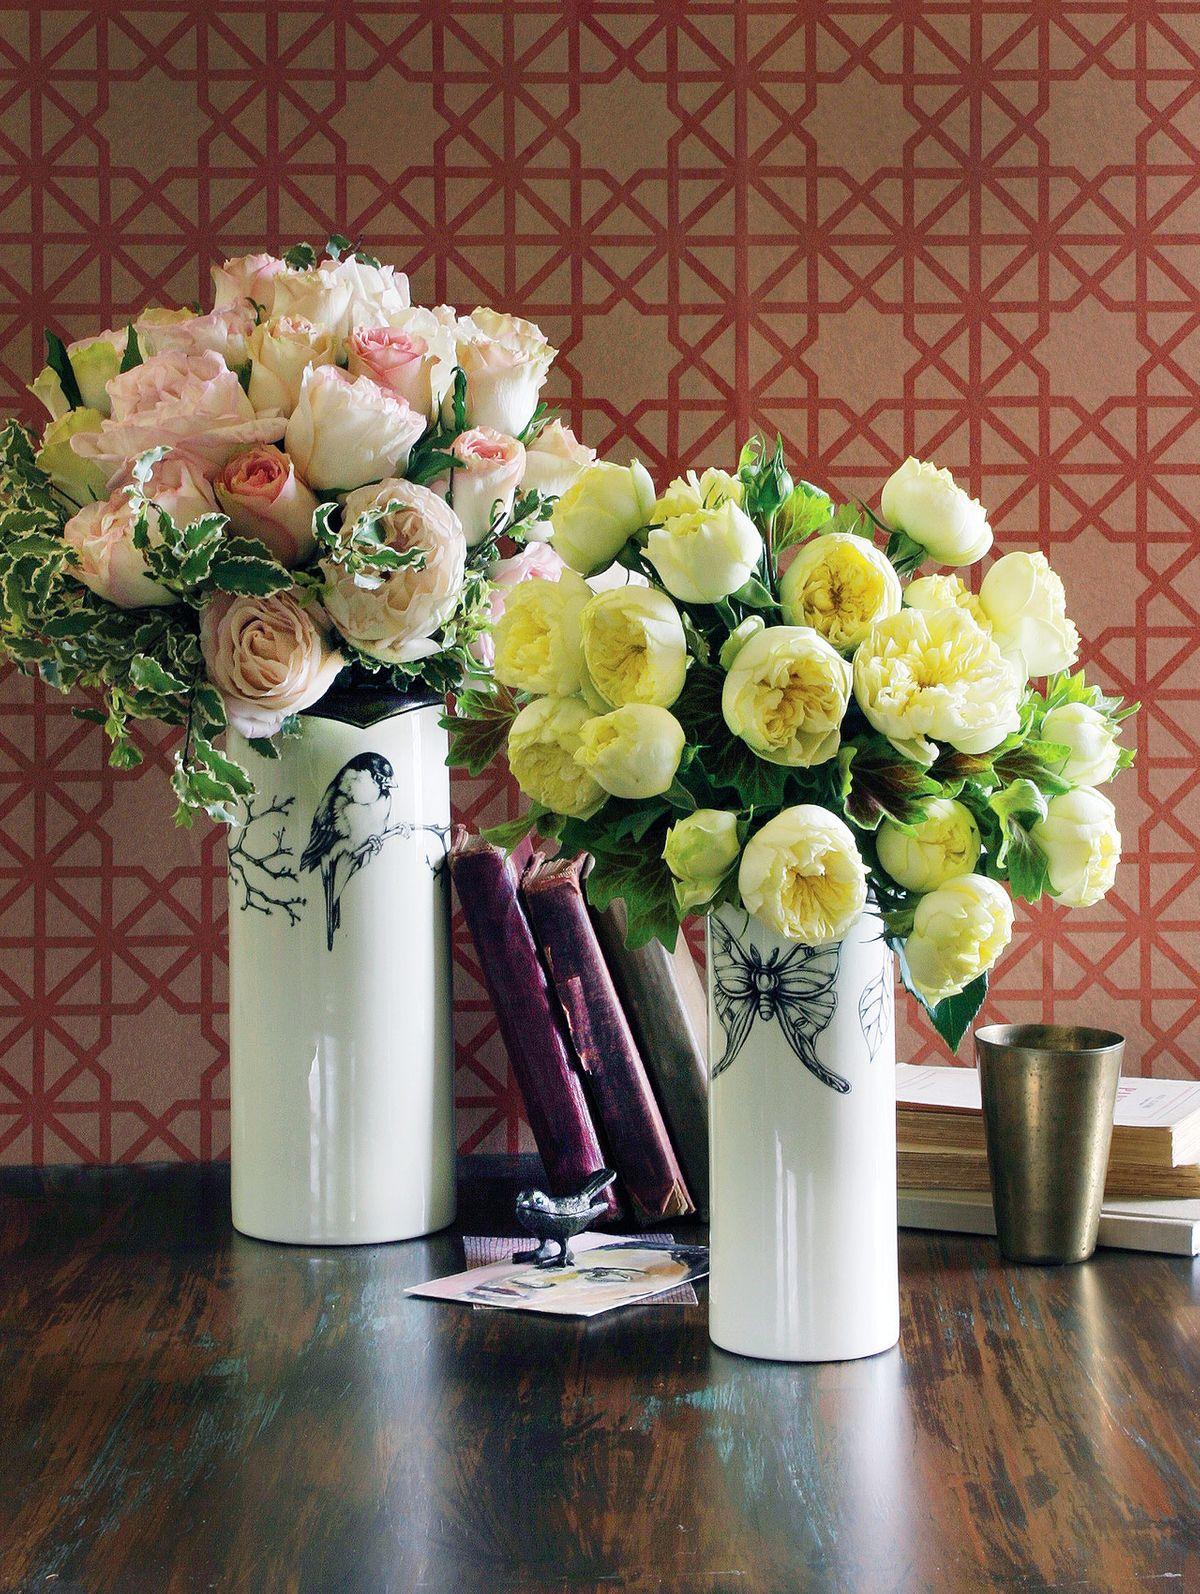 ChristopherWhite_HamptonsCottageandGardens_roses.jpg